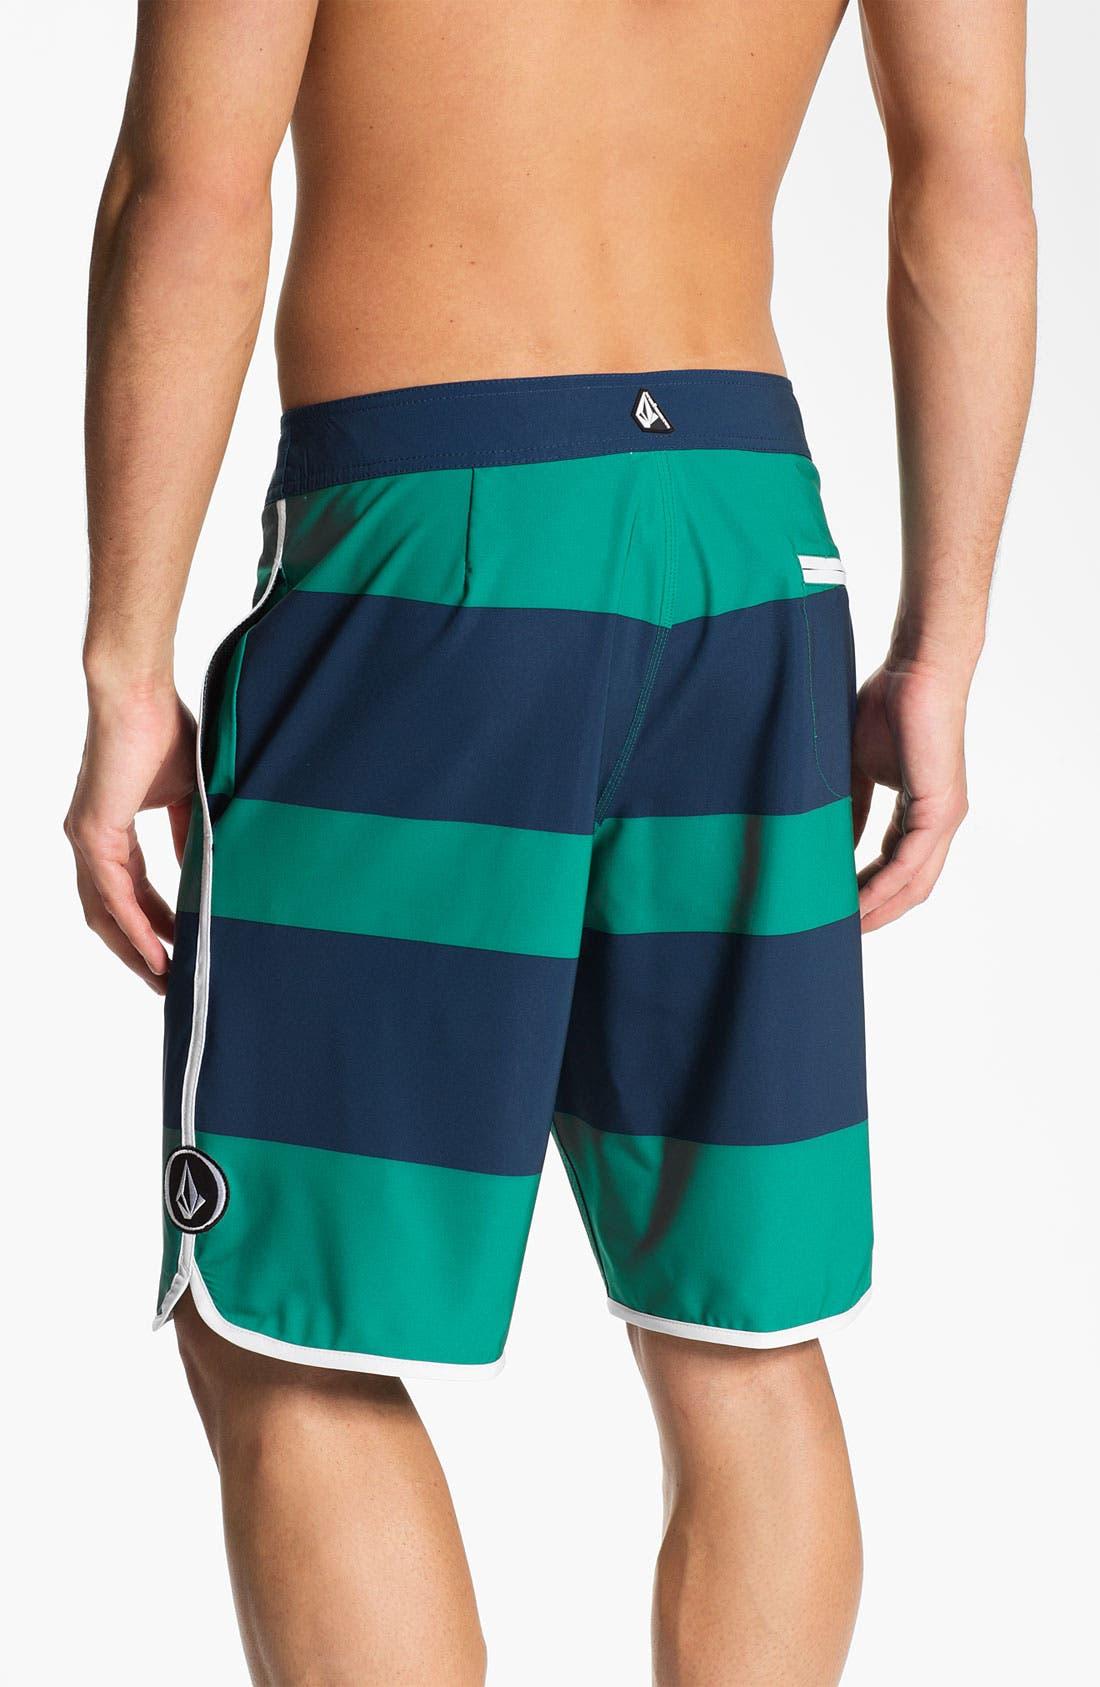 Alternate Image 2  - Volcom 'Scallop' Board Shorts